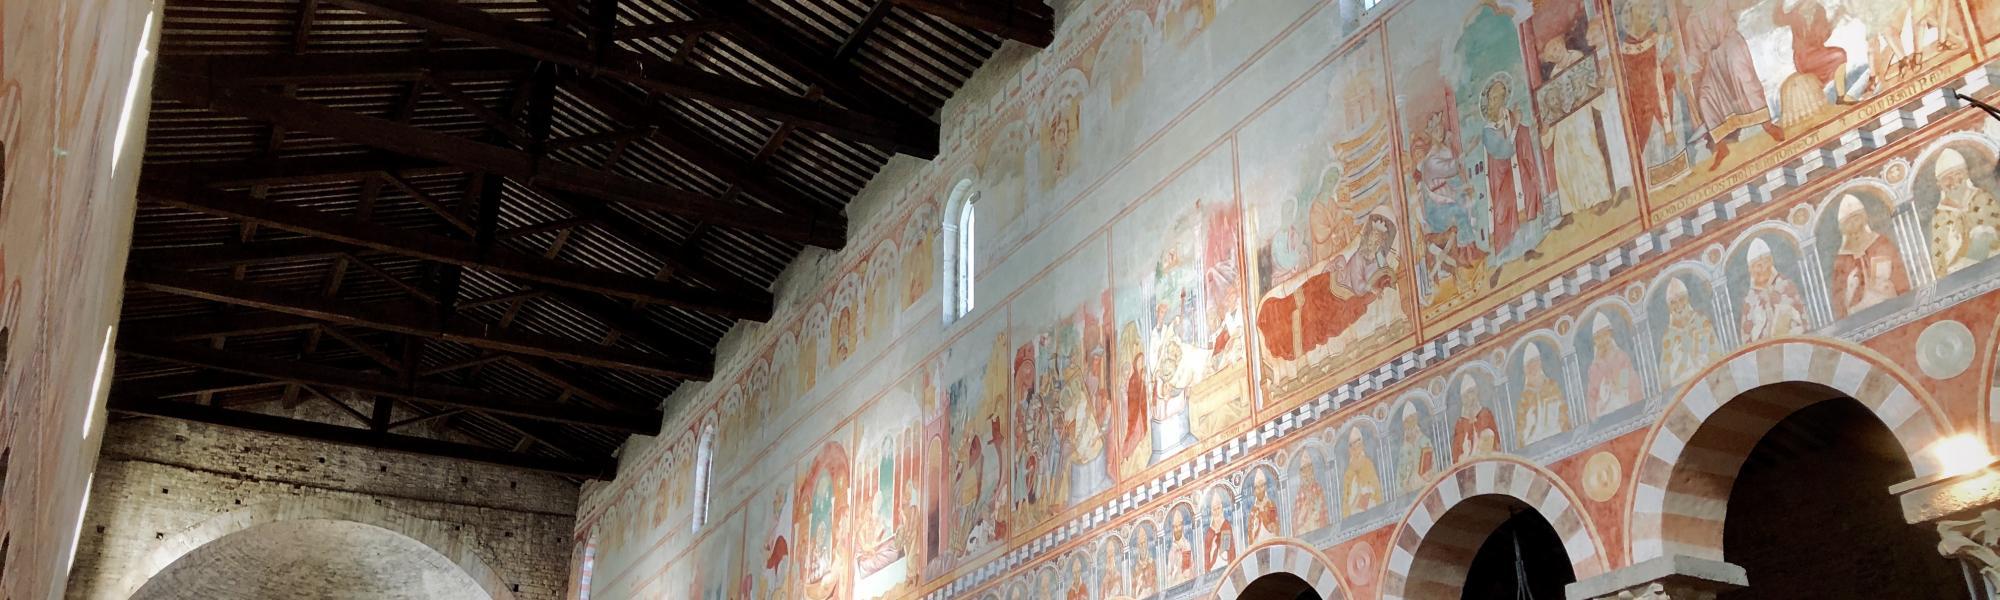 Decorazione navata ad affresco - Basilica di San Piero a Grado (G. Bettini, Comune di Pisa))